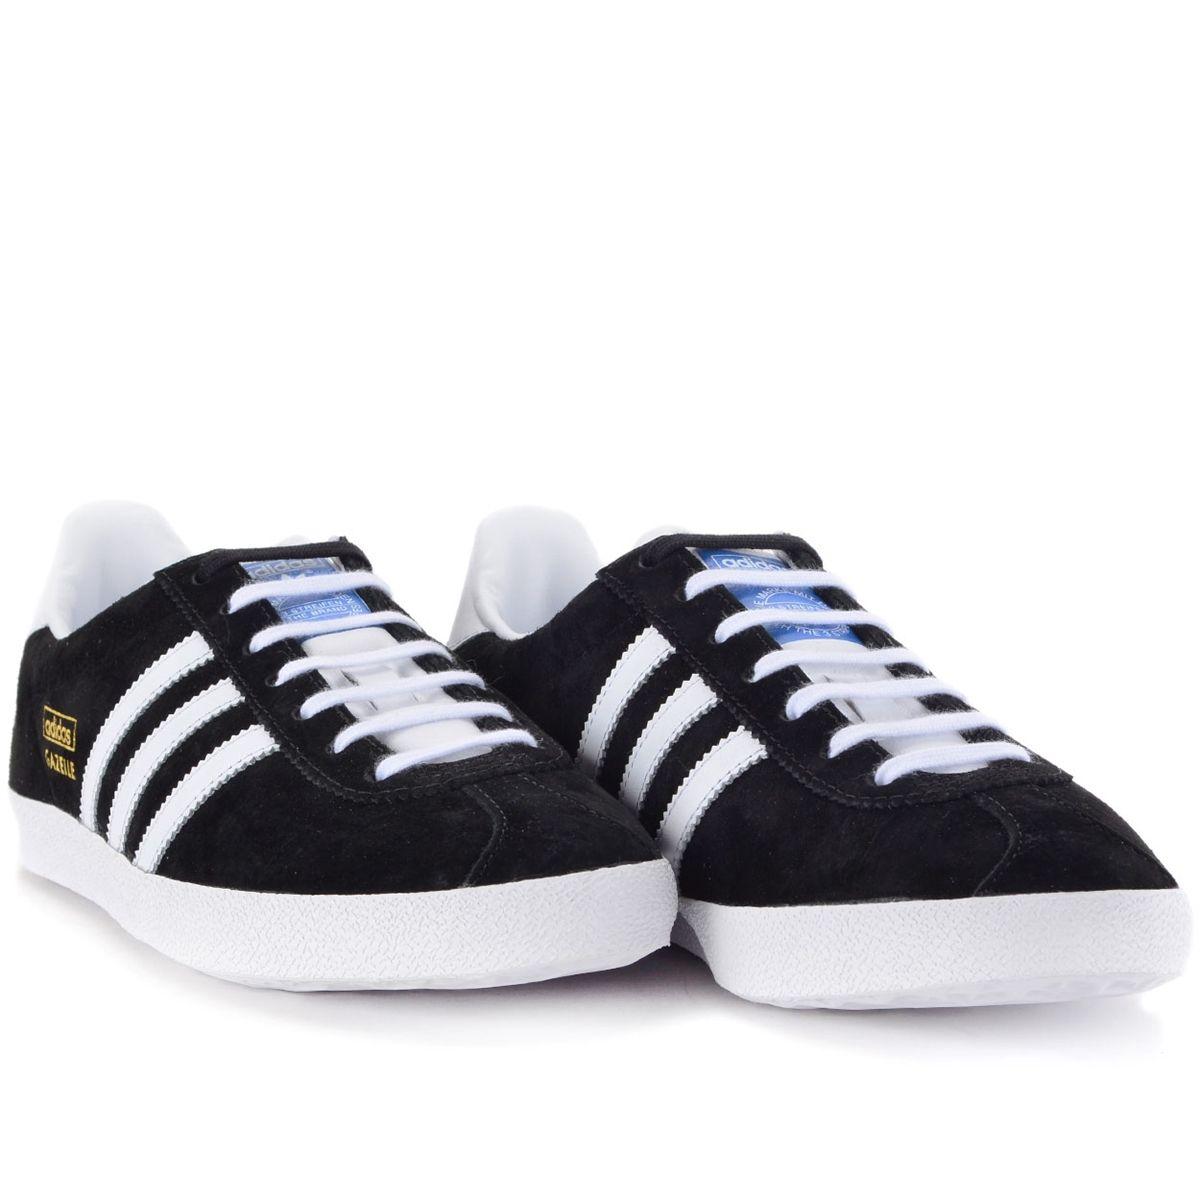 Tênis Adidas Gazelle OG Black White G13265   Calçados